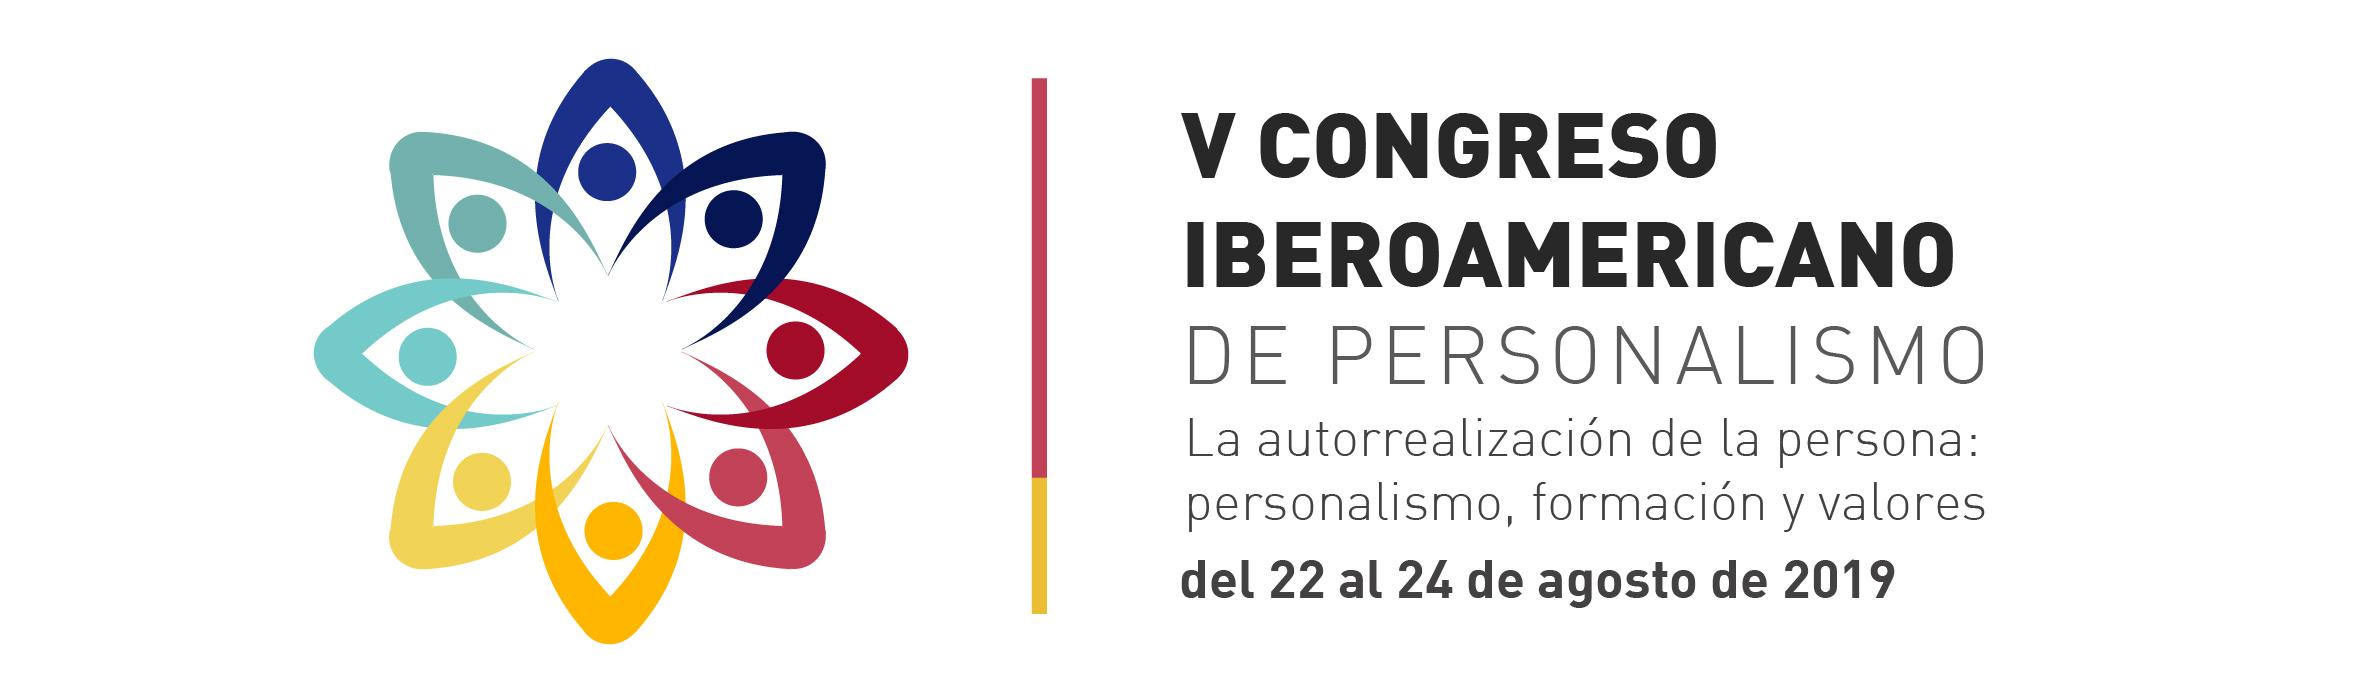 encabezado web - congreso personalismo-01